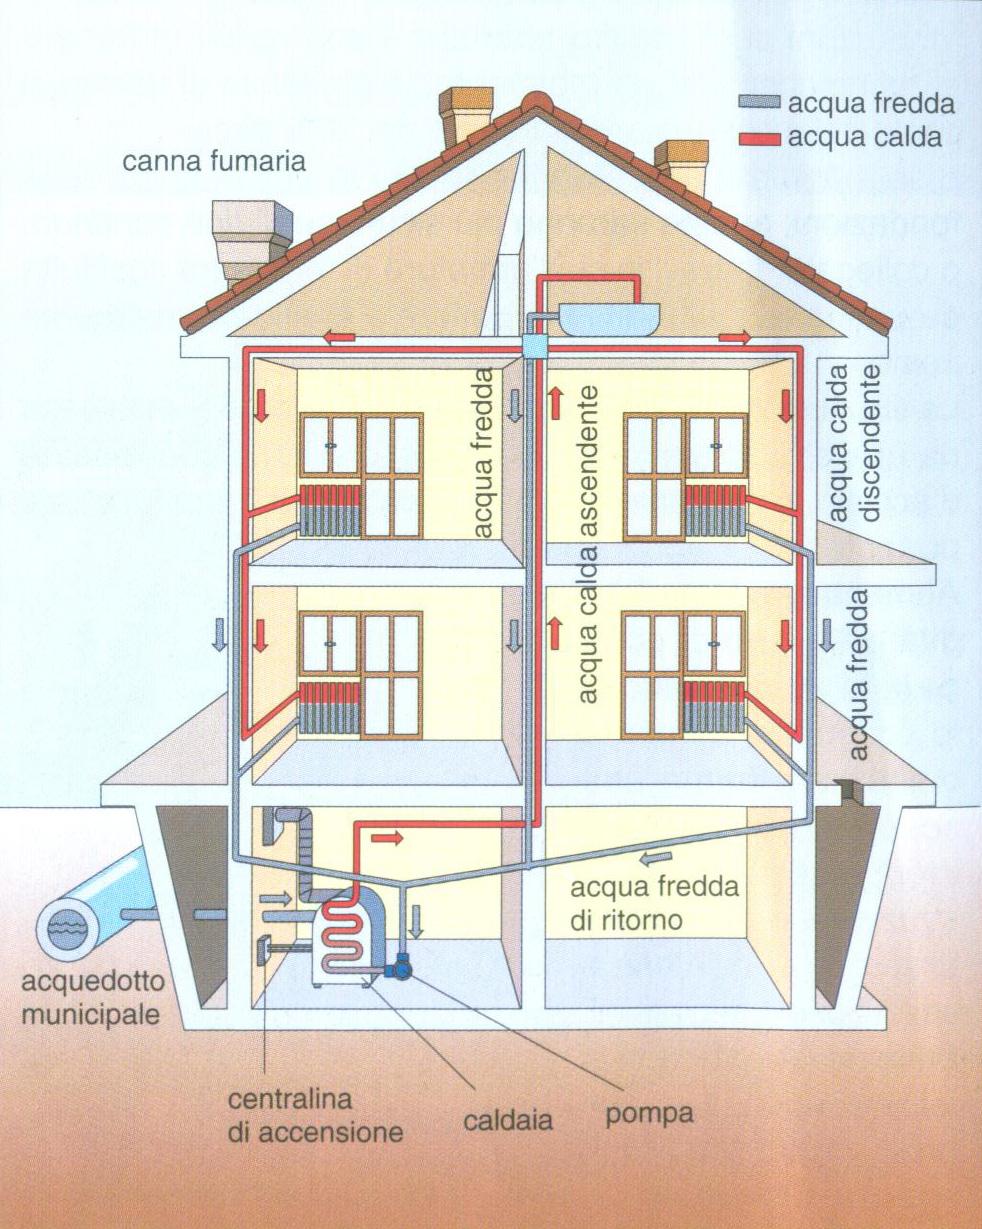 Aula di tecnica for Disegno impianto riscaldamento a termosifoni